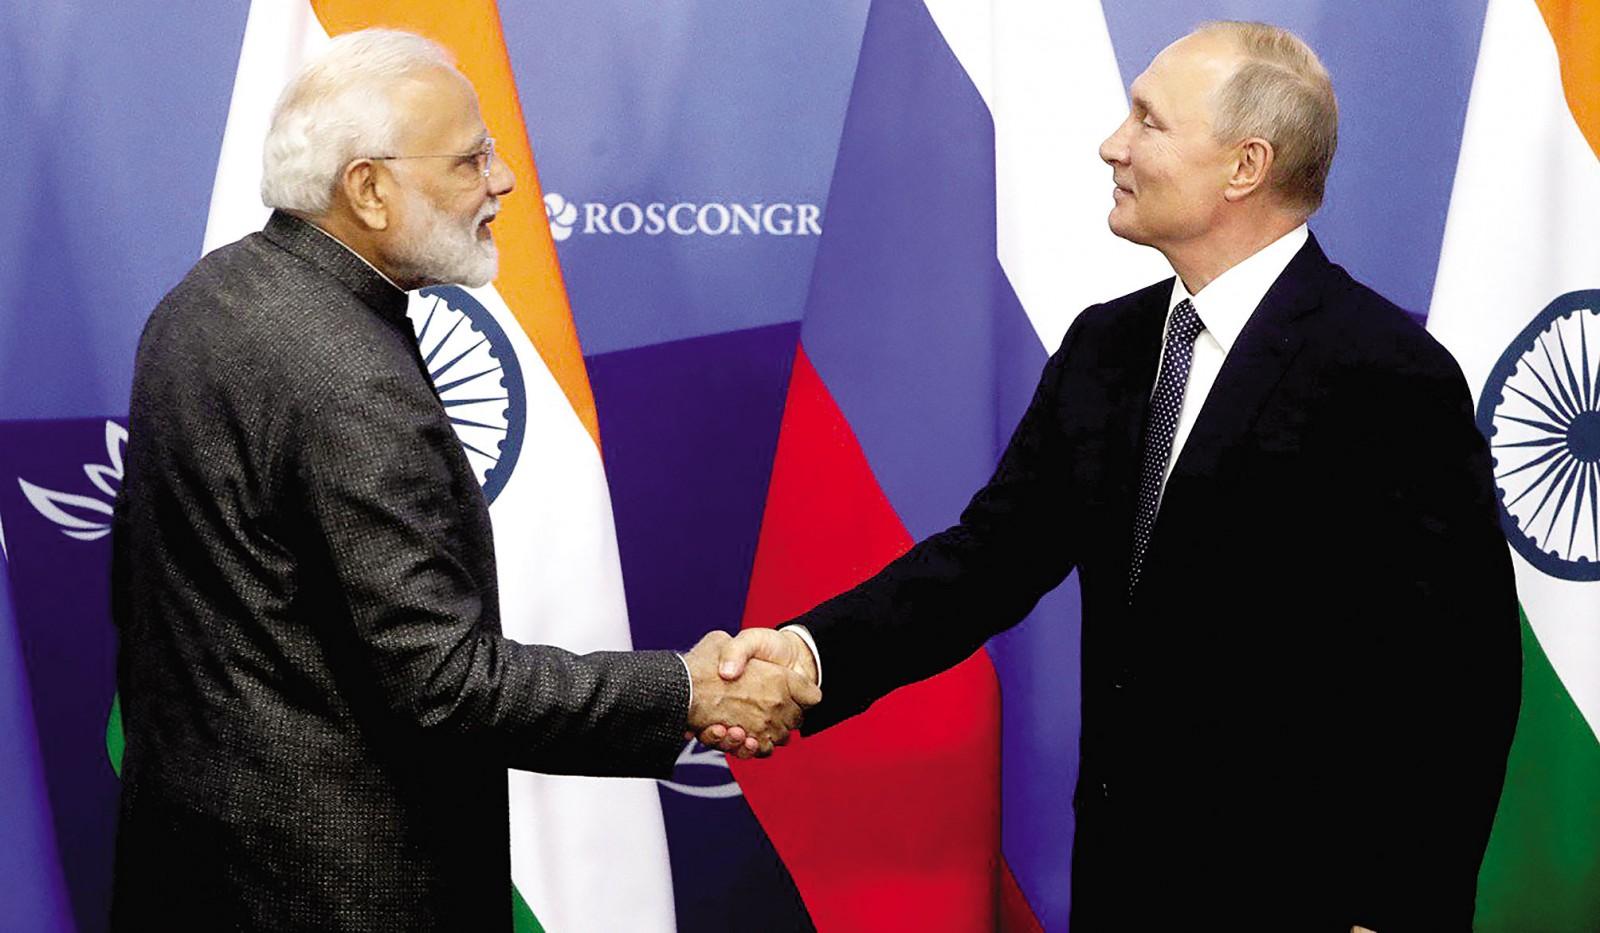 Tổng thống Nga Vladimir Putin (phải) và Thủ tướng Ấn Độ Modi tại Diễn đàn Kinh tế phương Đông. Ảnh: SCMP